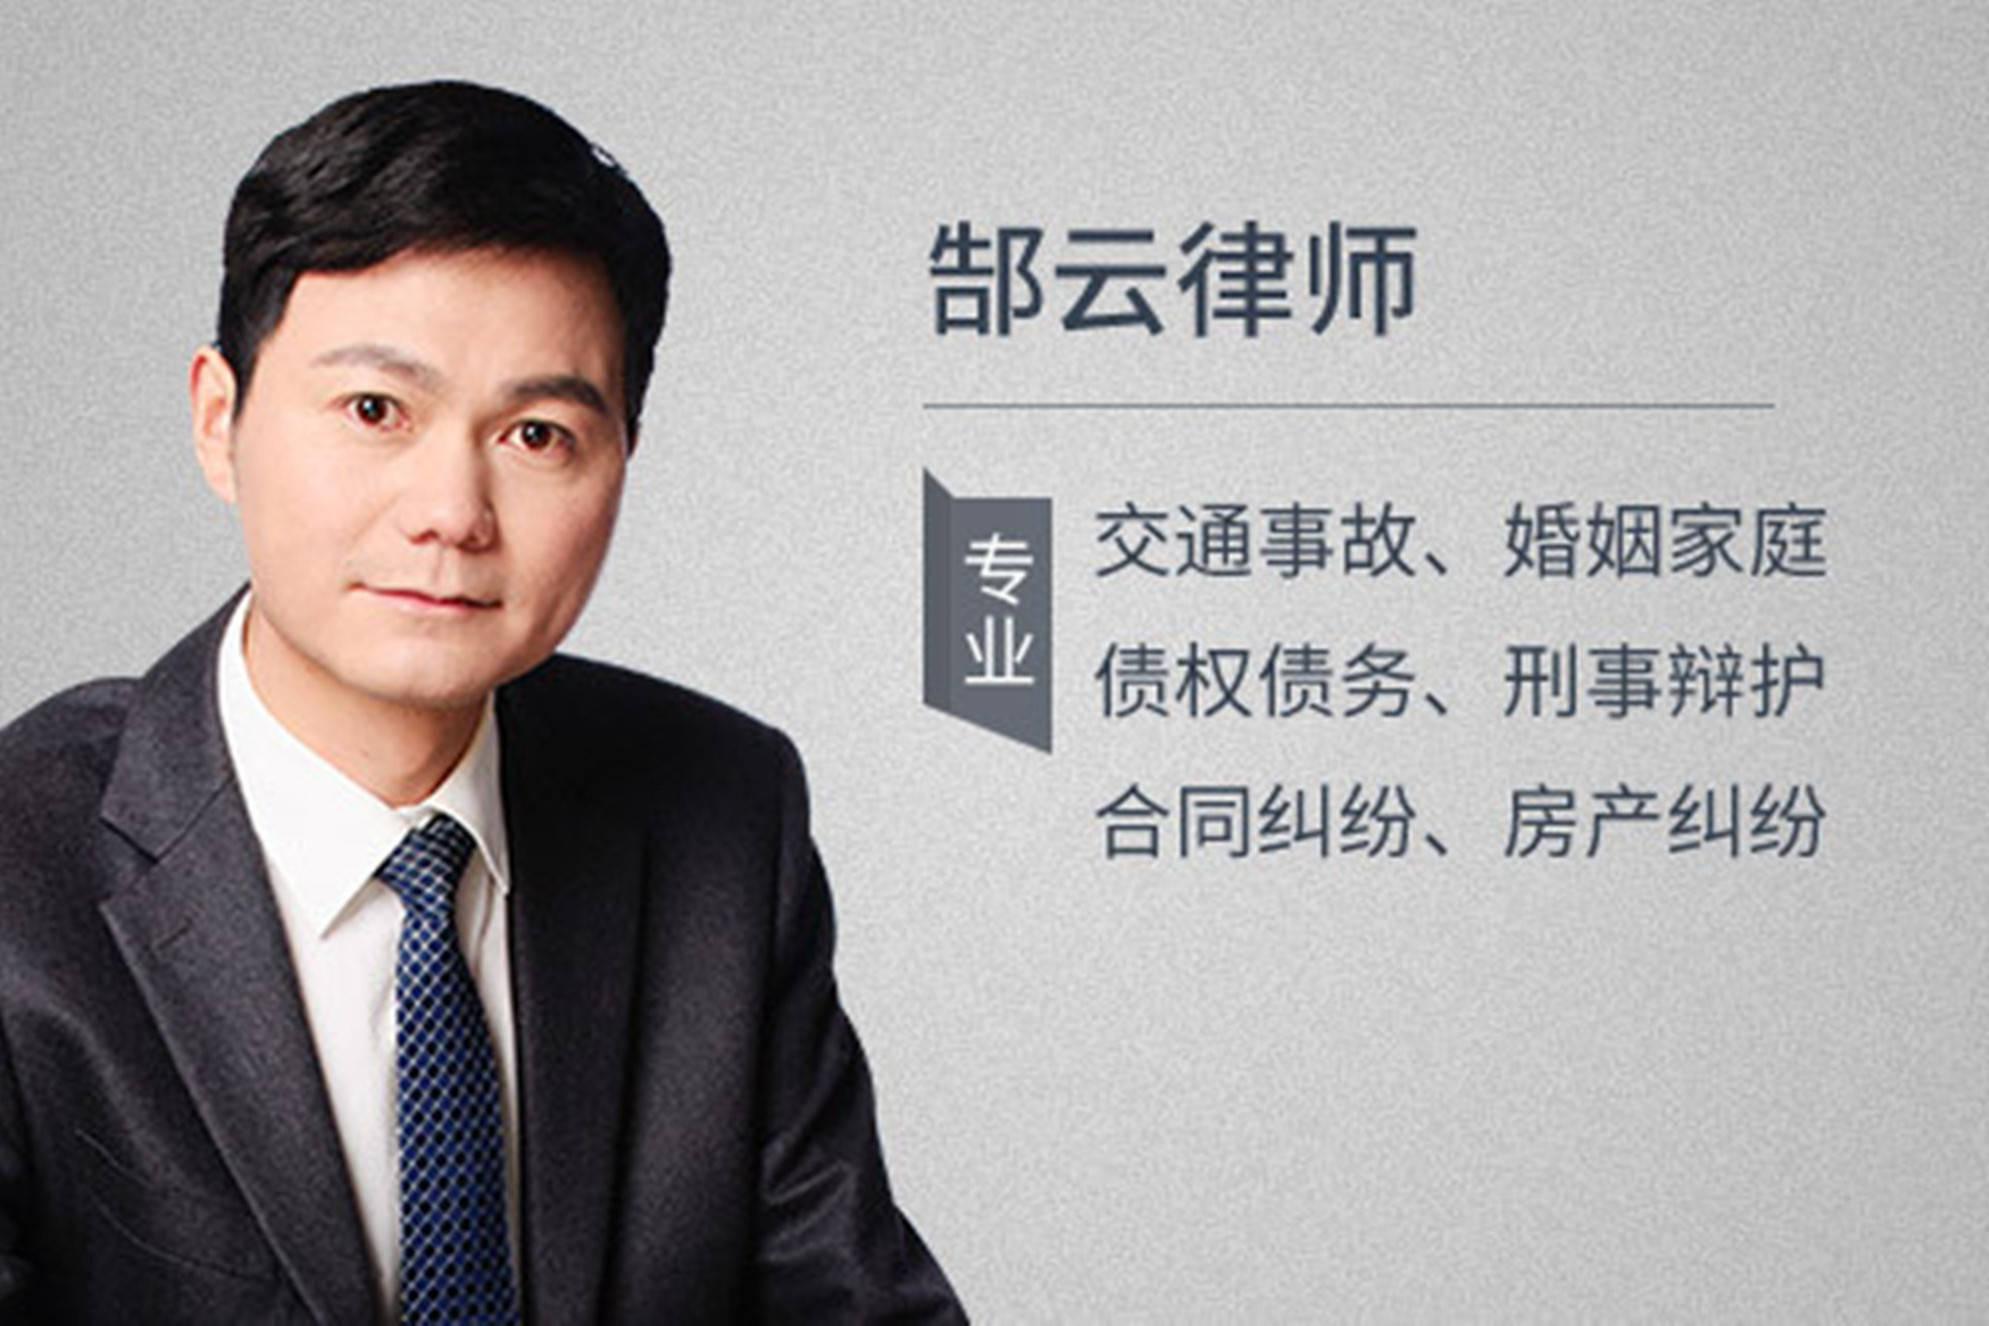 丽江律师[gào]云学习非法拘禁罪证据指引